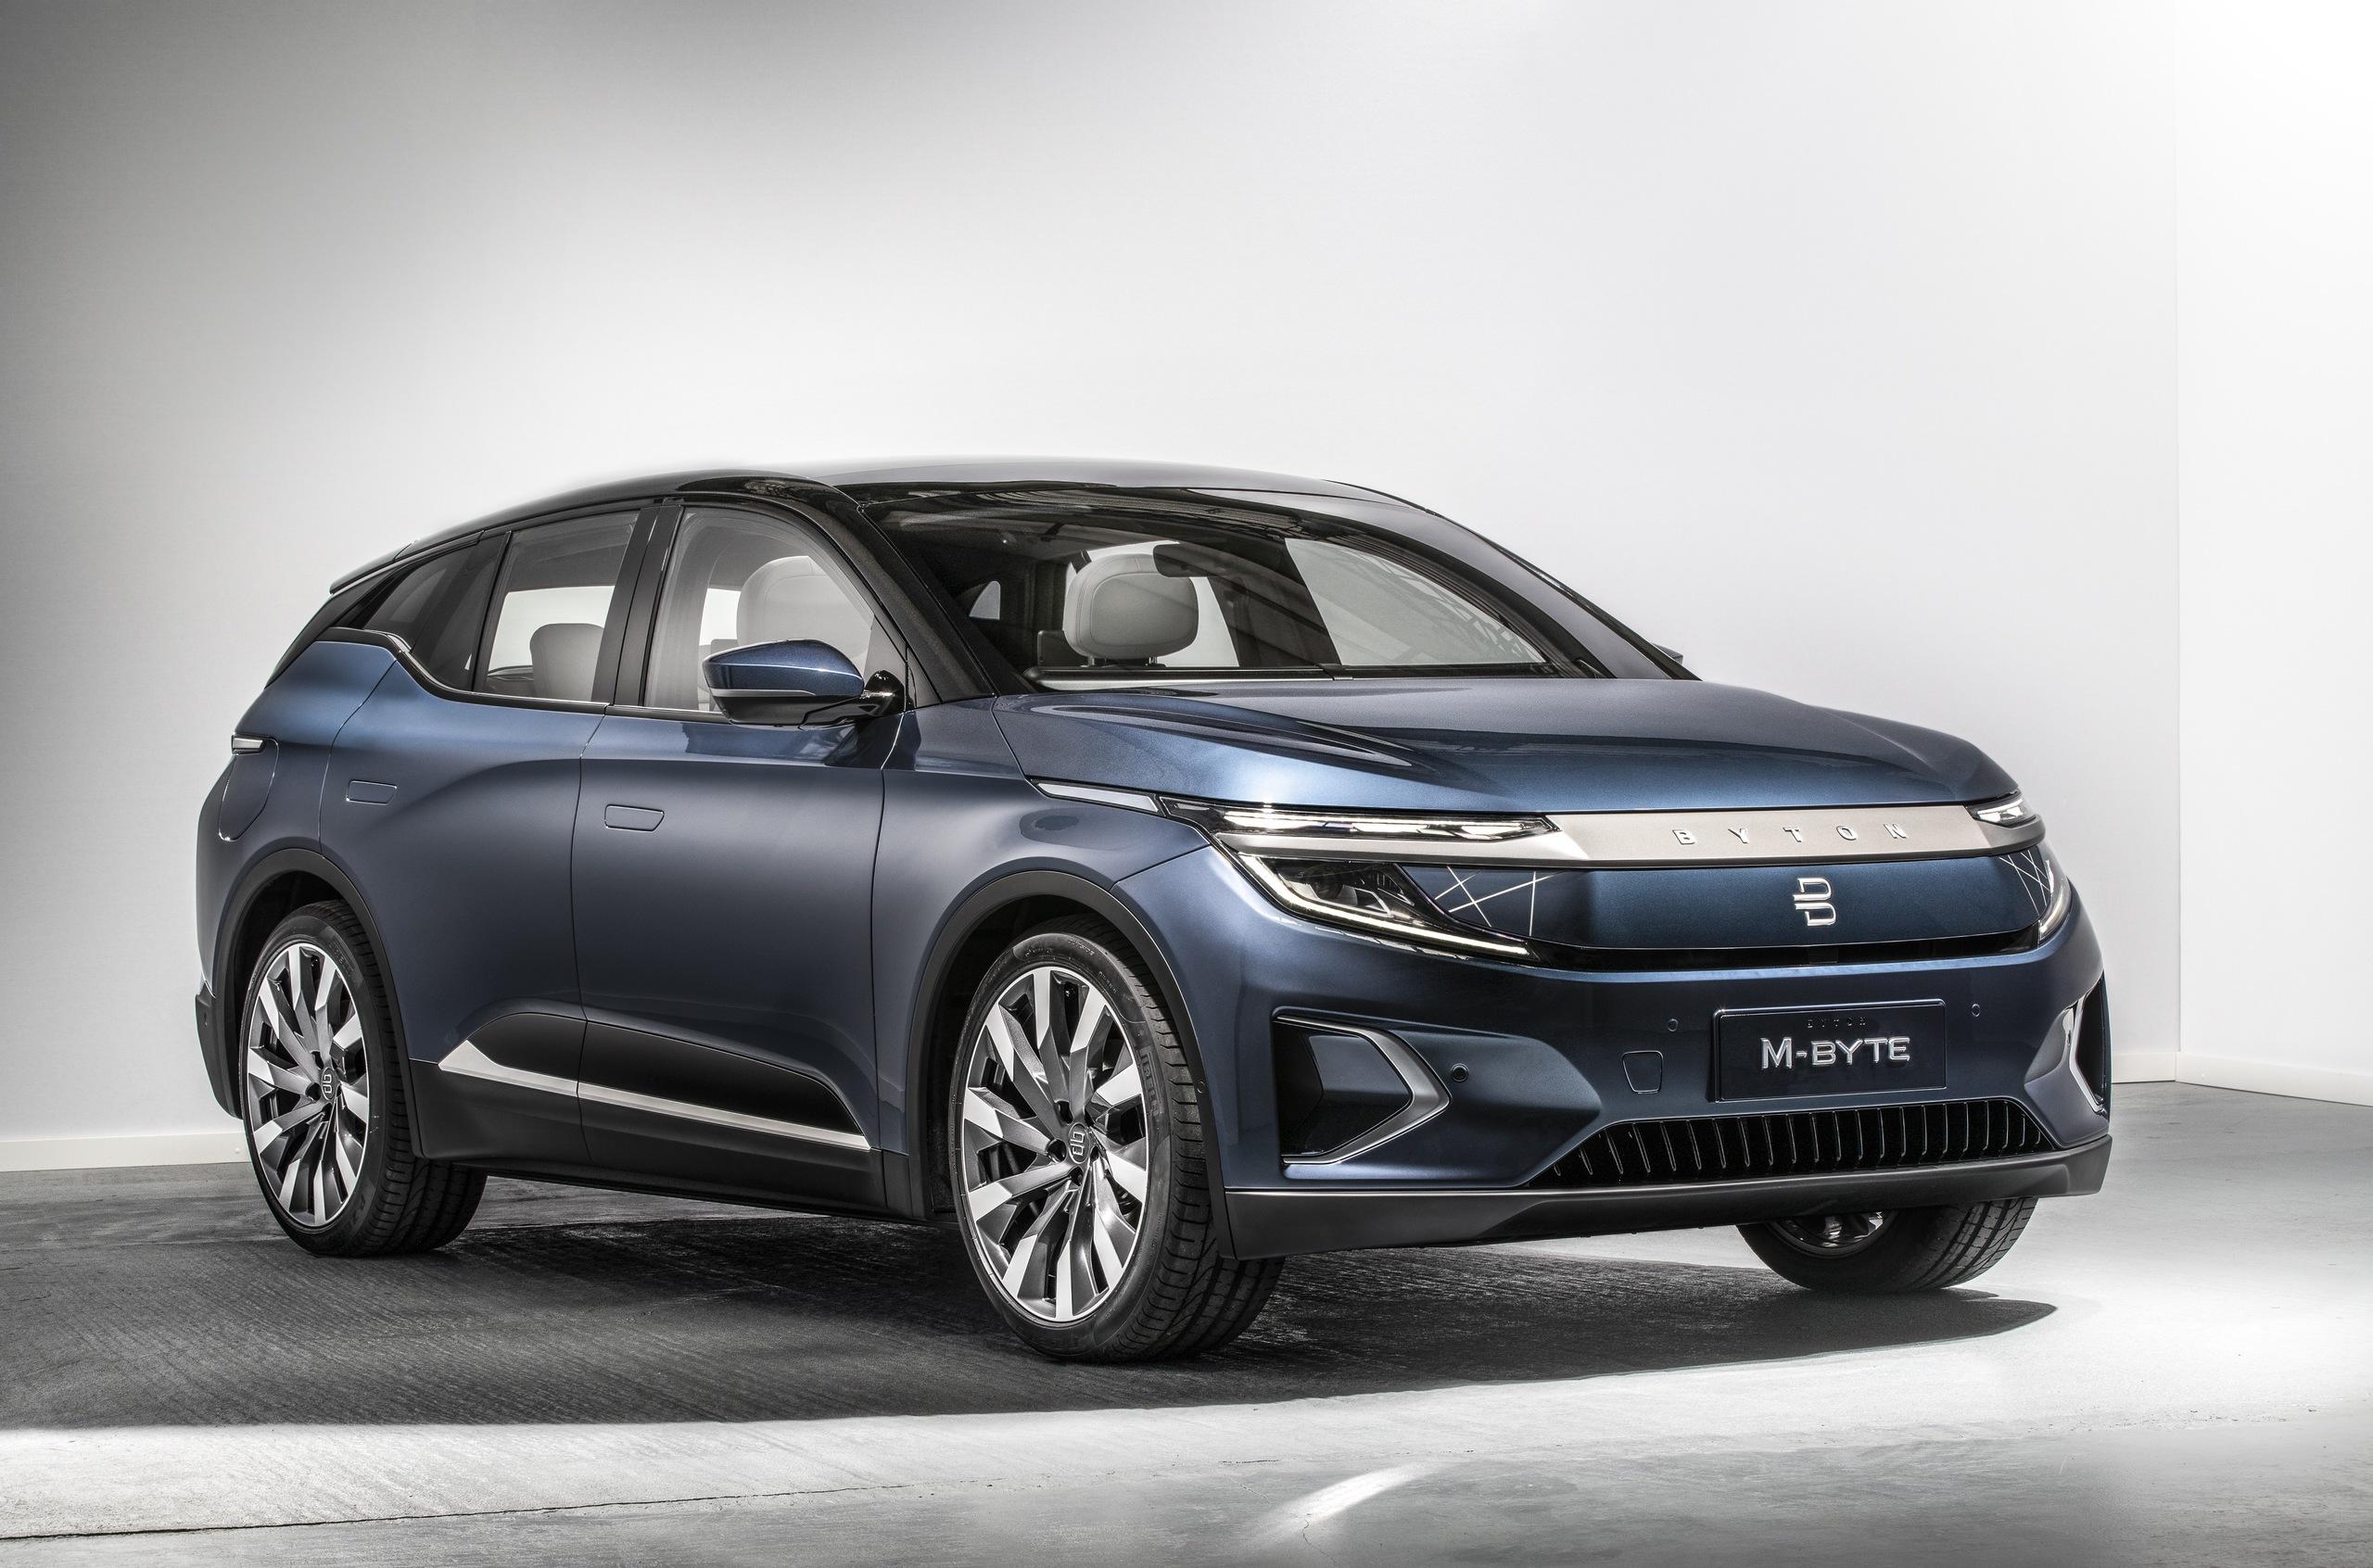 Гонконгский автопроизводитель Byton привез во Франкфурт свою первую модель – электрический M-Byte с изогнутой приборкой гигантского диаметра в 48 дюймов. Стоимость электрокара начинается от €45 000, предварительный заказ откроется в первых месяцах следующего года.